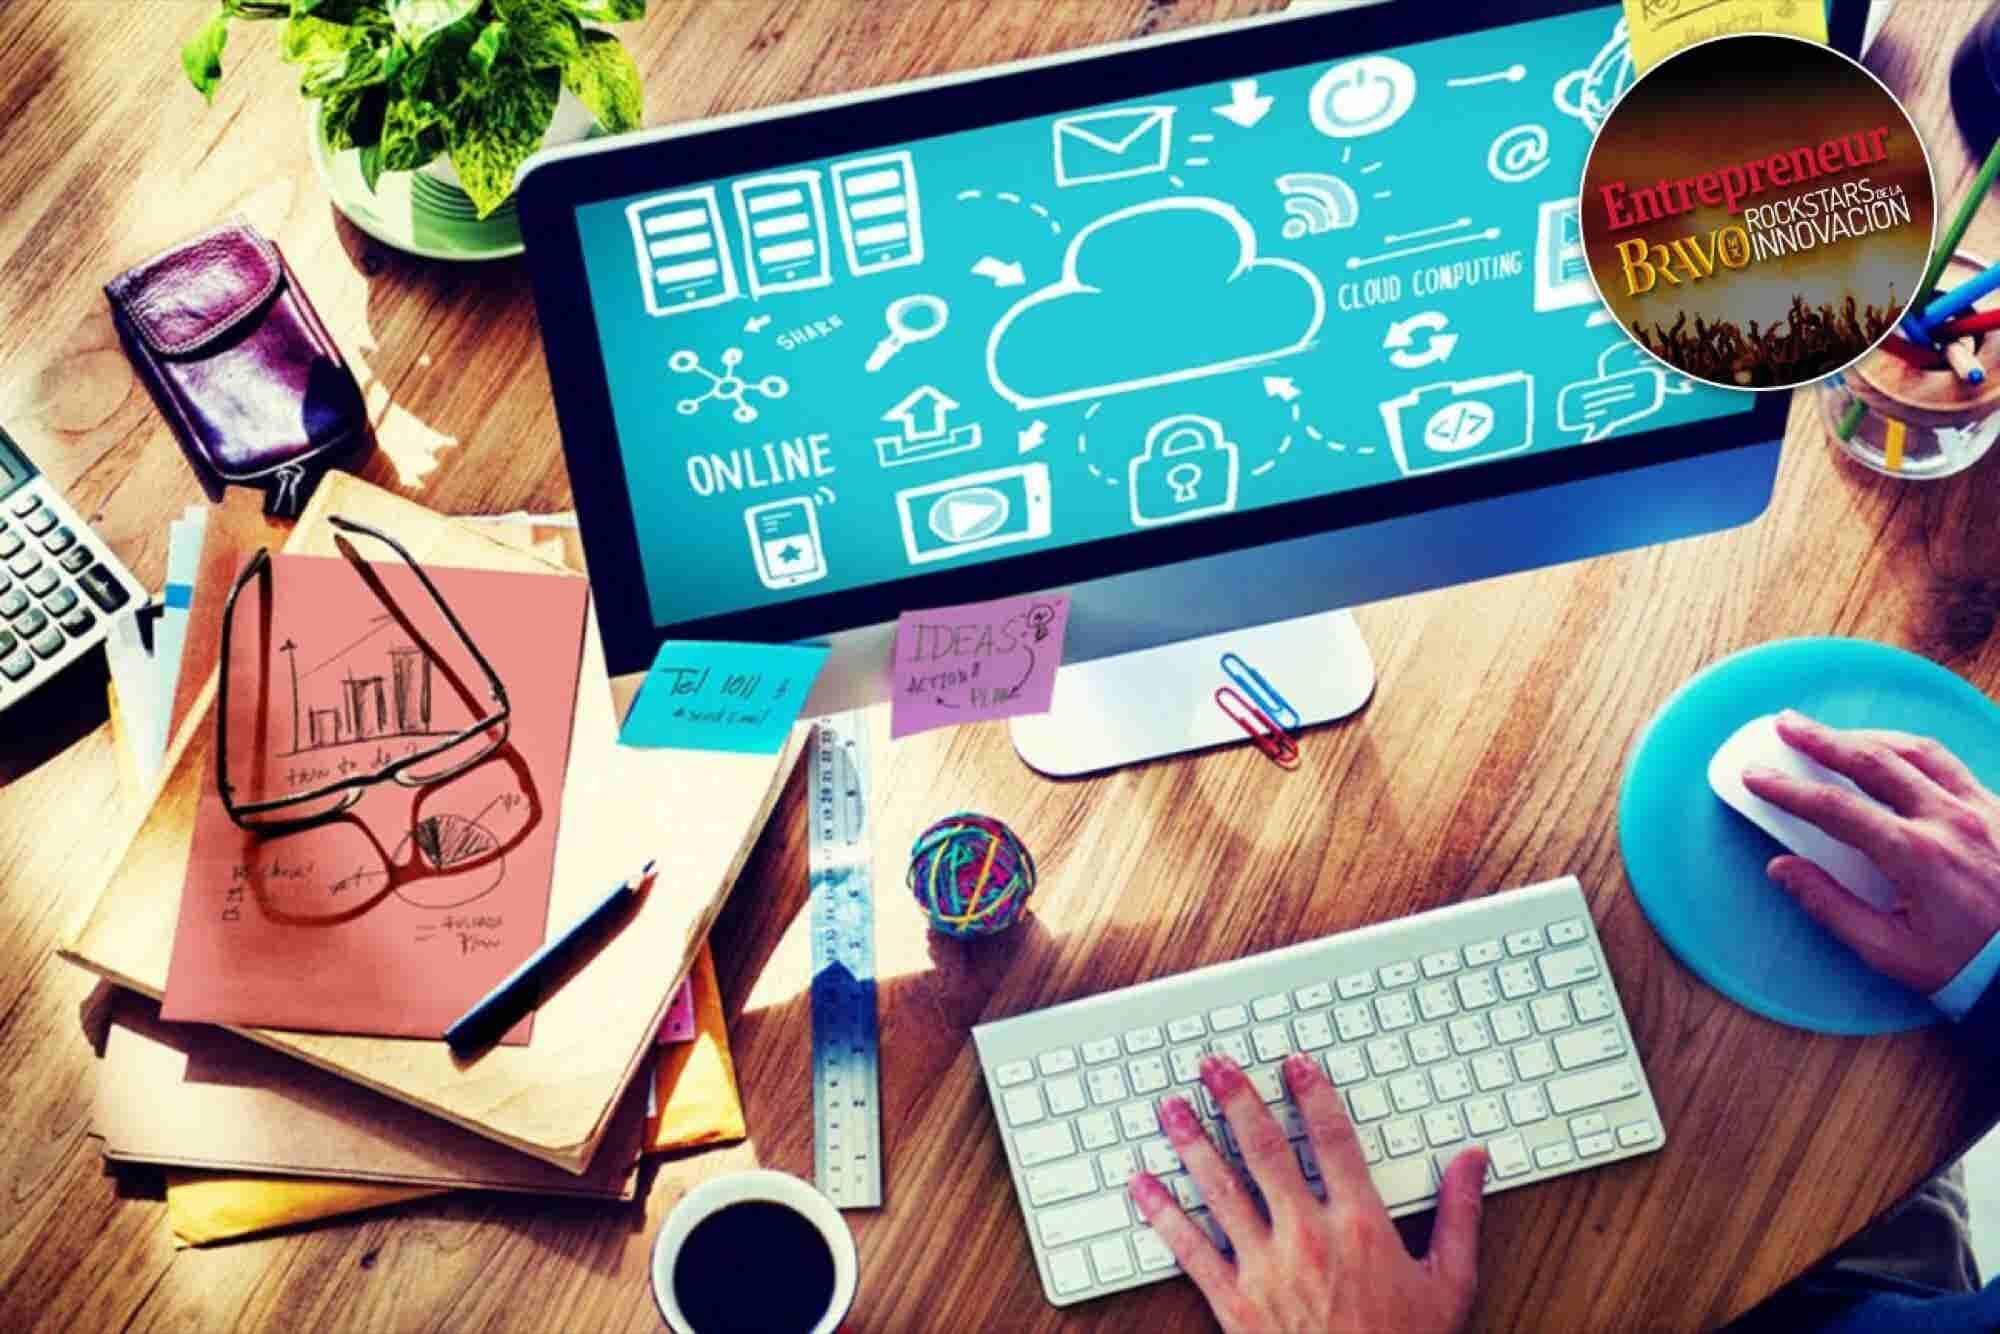 Innovación, la base está en elegir las herramientas adecuadas